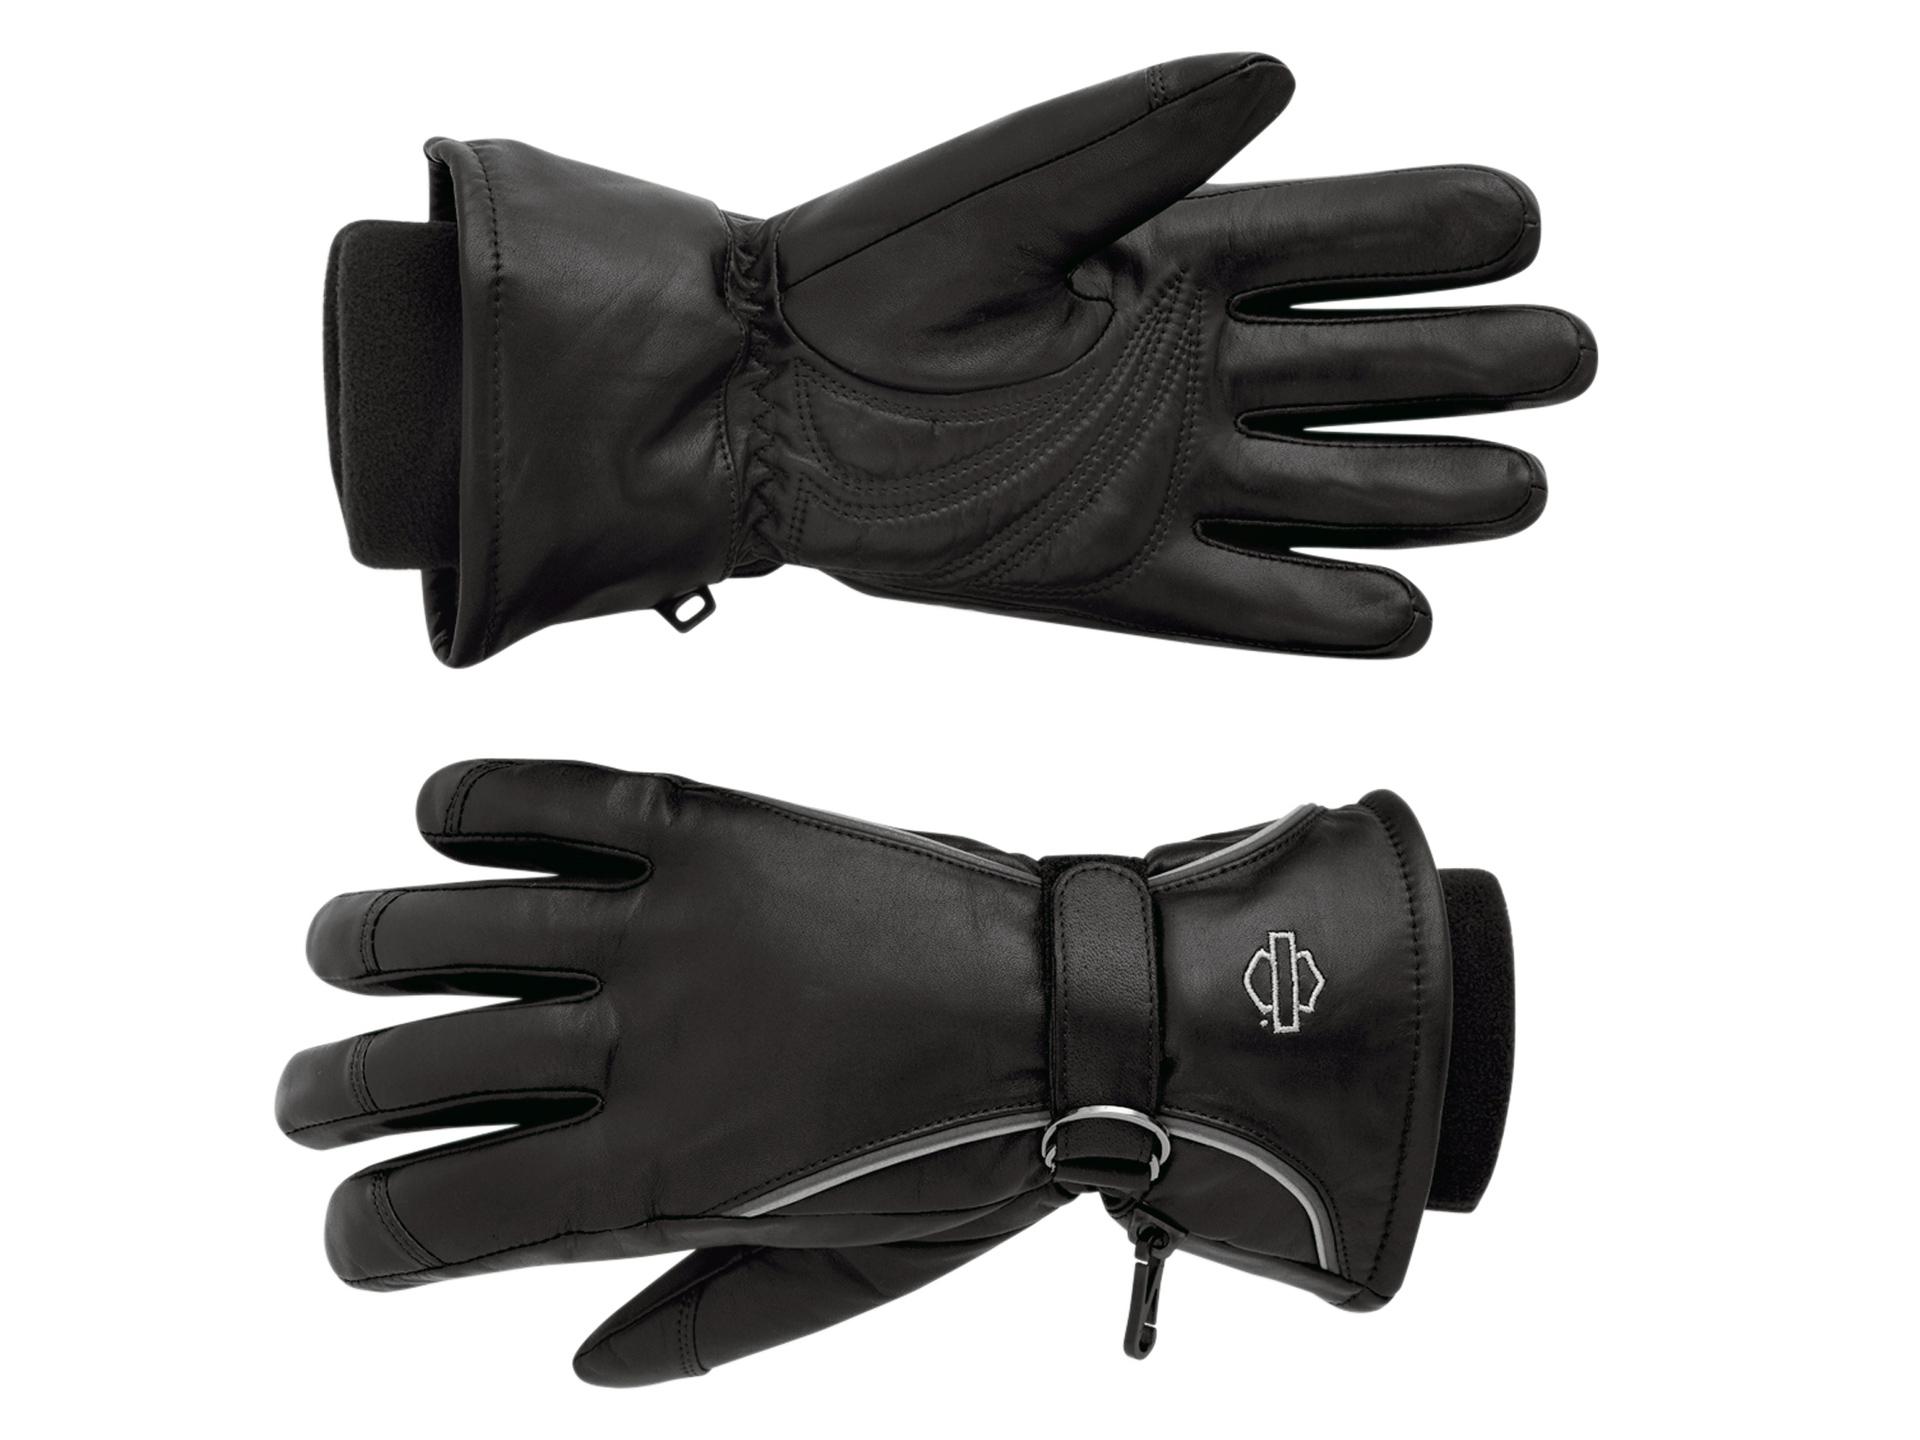 98318 11vw harley davidson handschuhe windshielder full. Black Bedroom Furniture Sets. Home Design Ideas